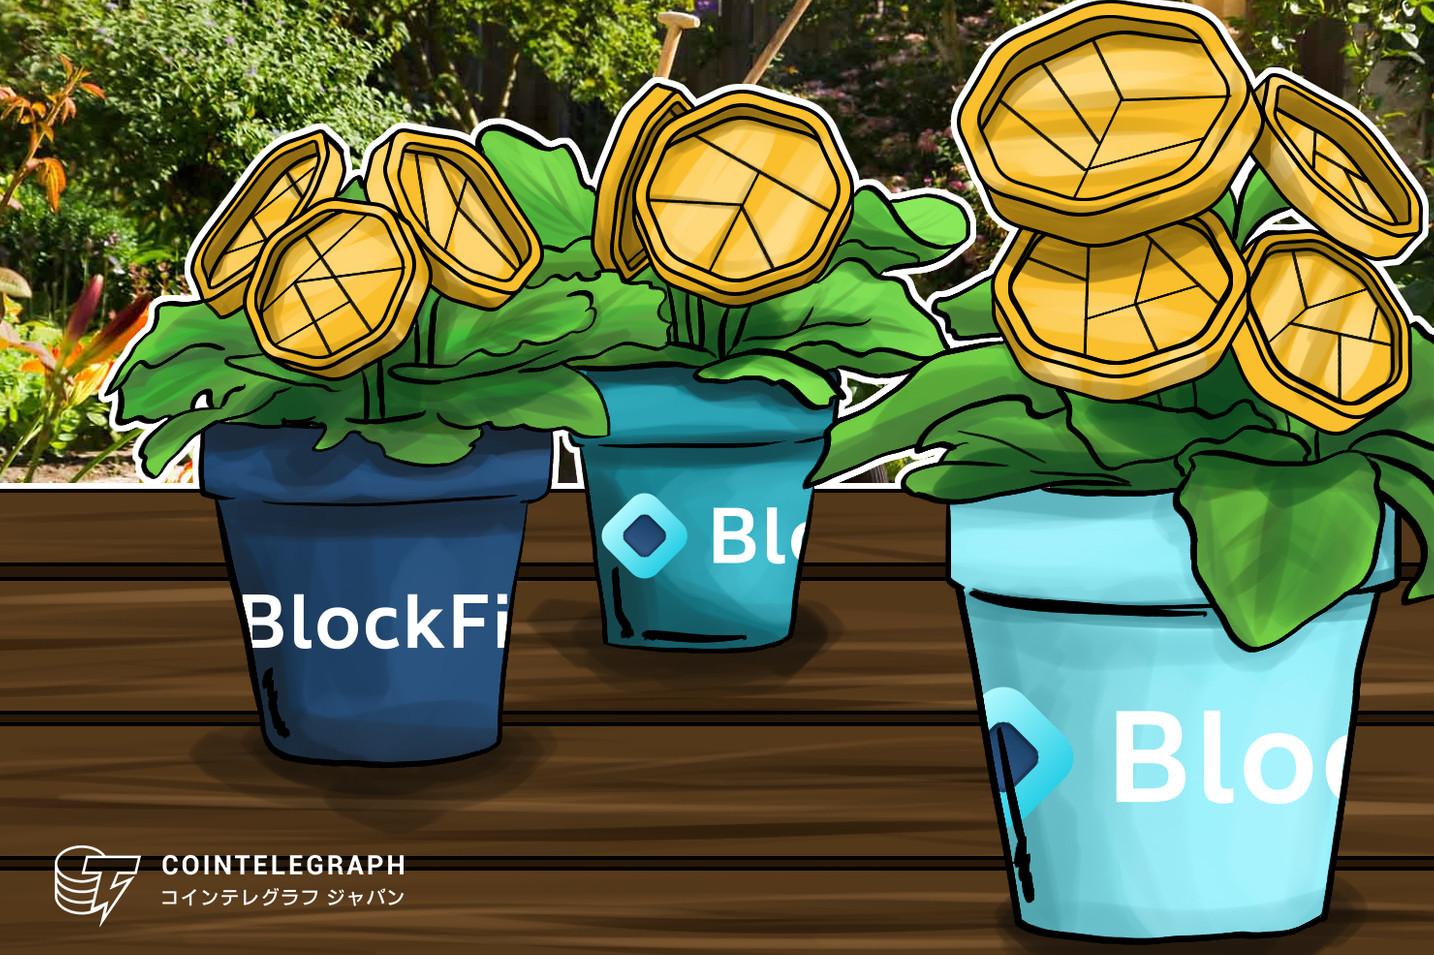 """""""仮想通貨で年利6%"""" 米BlockFi 新たな口座サービスを発表 日本でも法的問題なし"""